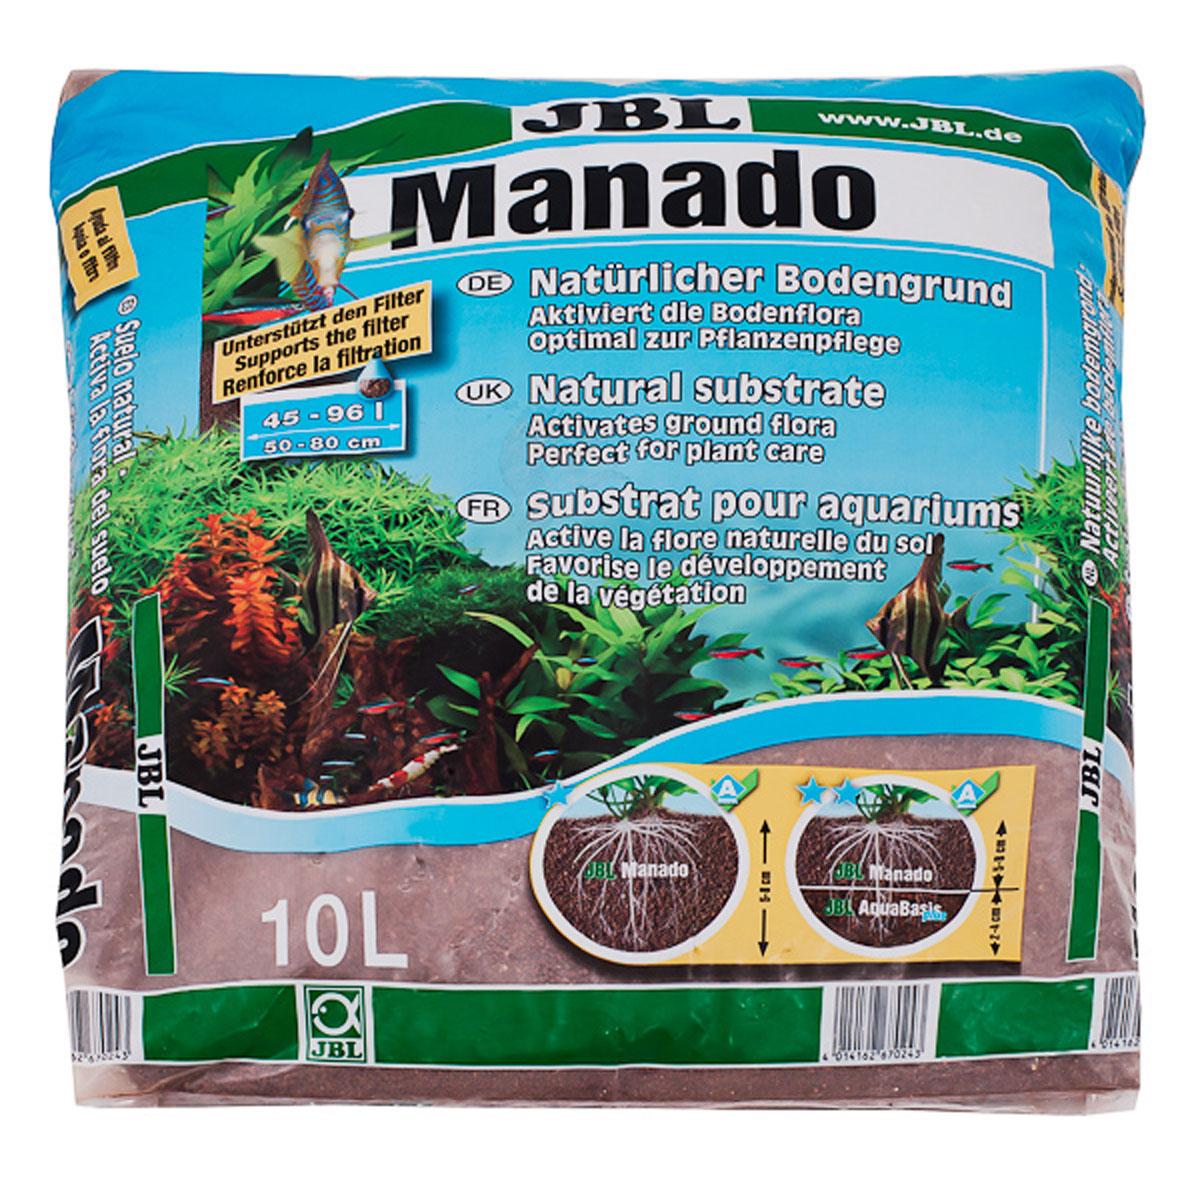 Питательный грунт JBL Manado, улучшающий качество воды и стимулирующий рост растений,цвет: красно-коричневый (латеритной почвы), 10 лJBL6702400JBL Manado 10l - Питательный грунт, улучшающий качество воды и стимулирующий рост растений, красно-коричневый (цвет латеритной почвы), 10 литров.